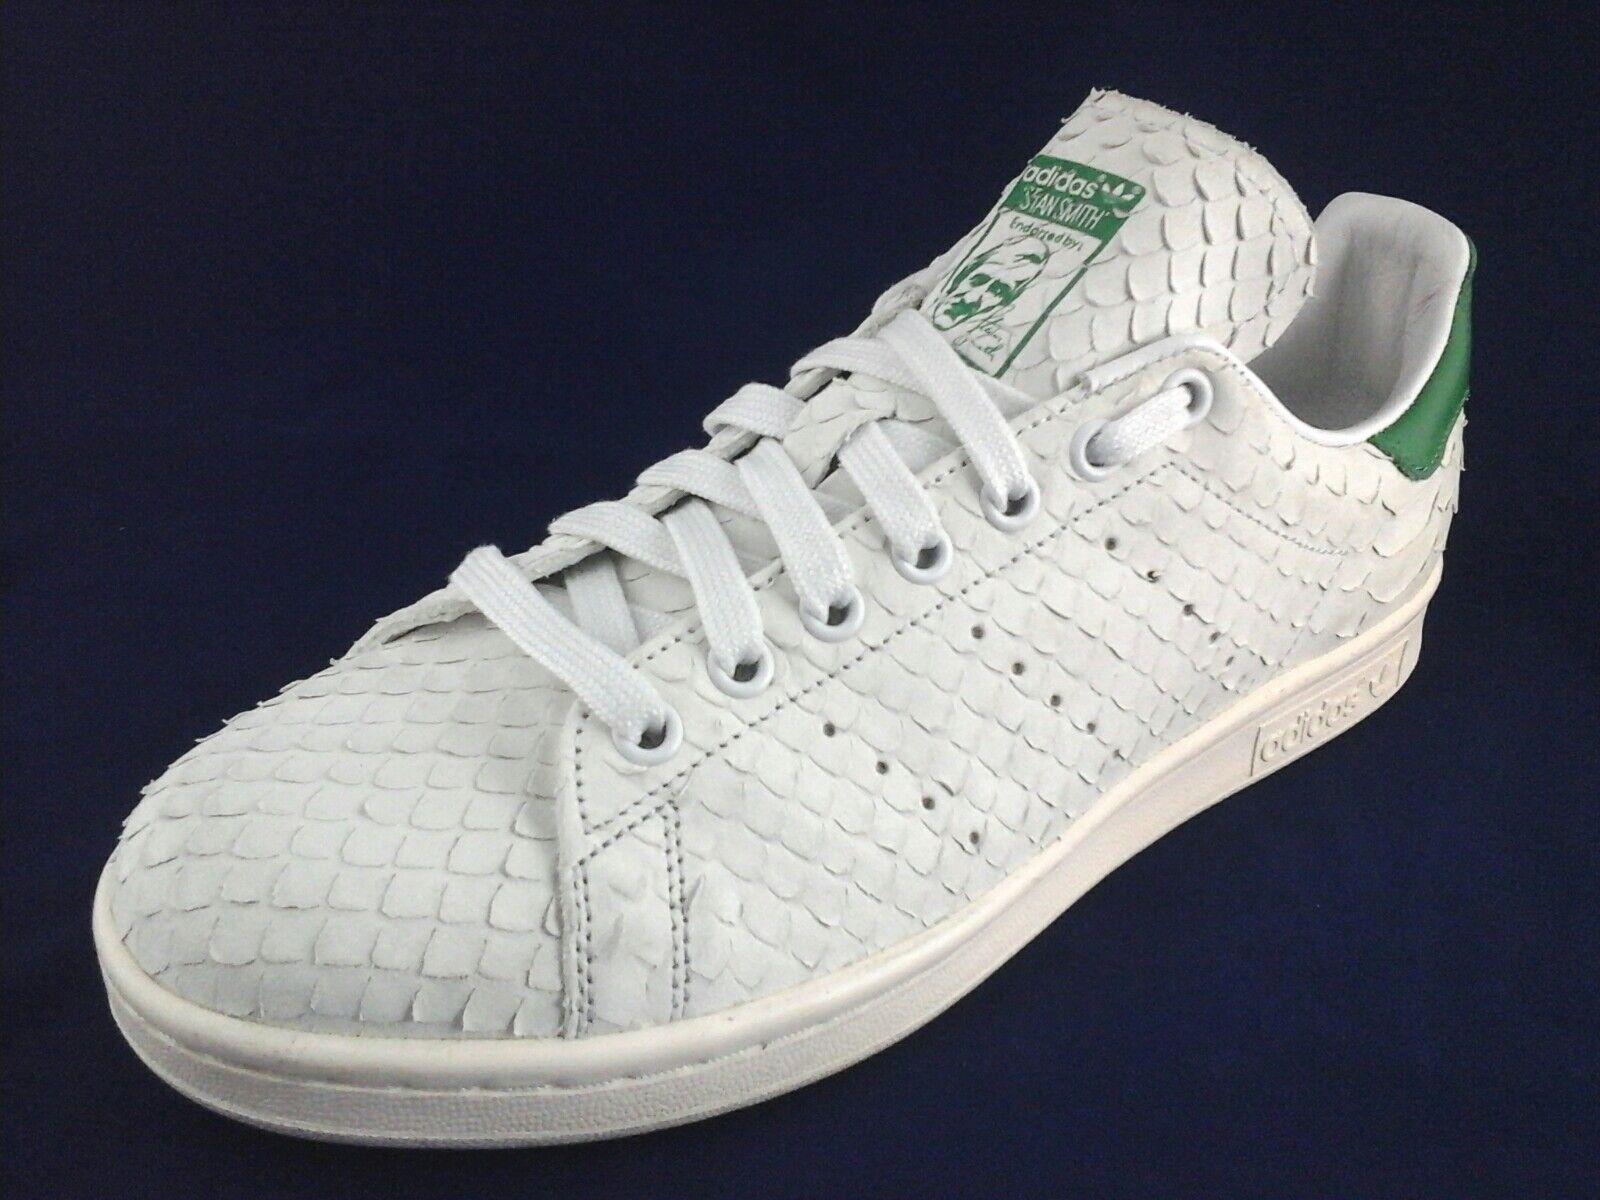 Adidas Stan blanco Smith Mujer Sneakers Serpiente blanco Stan / Verde s76665 US 9 / 3 Yeezy zapatos nuevos para hombres y mujeres, el limitado tiempo de descuento dcd4a2